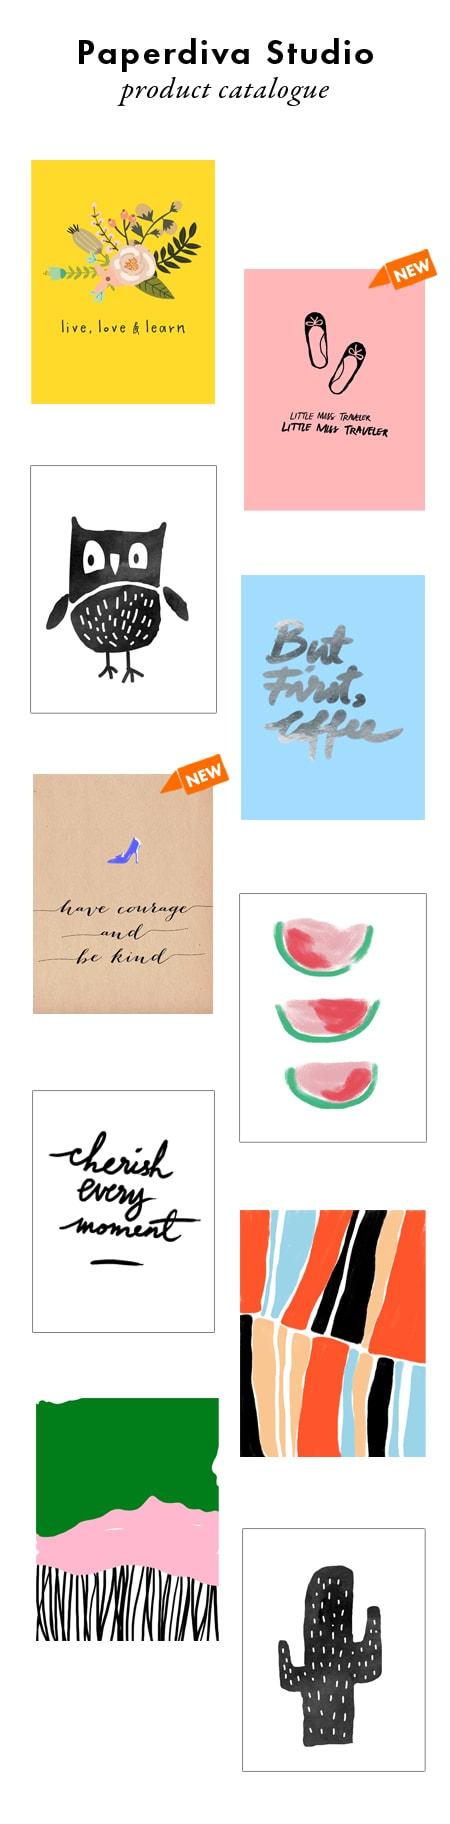 blog sittakarina - paperdiva studio (2)